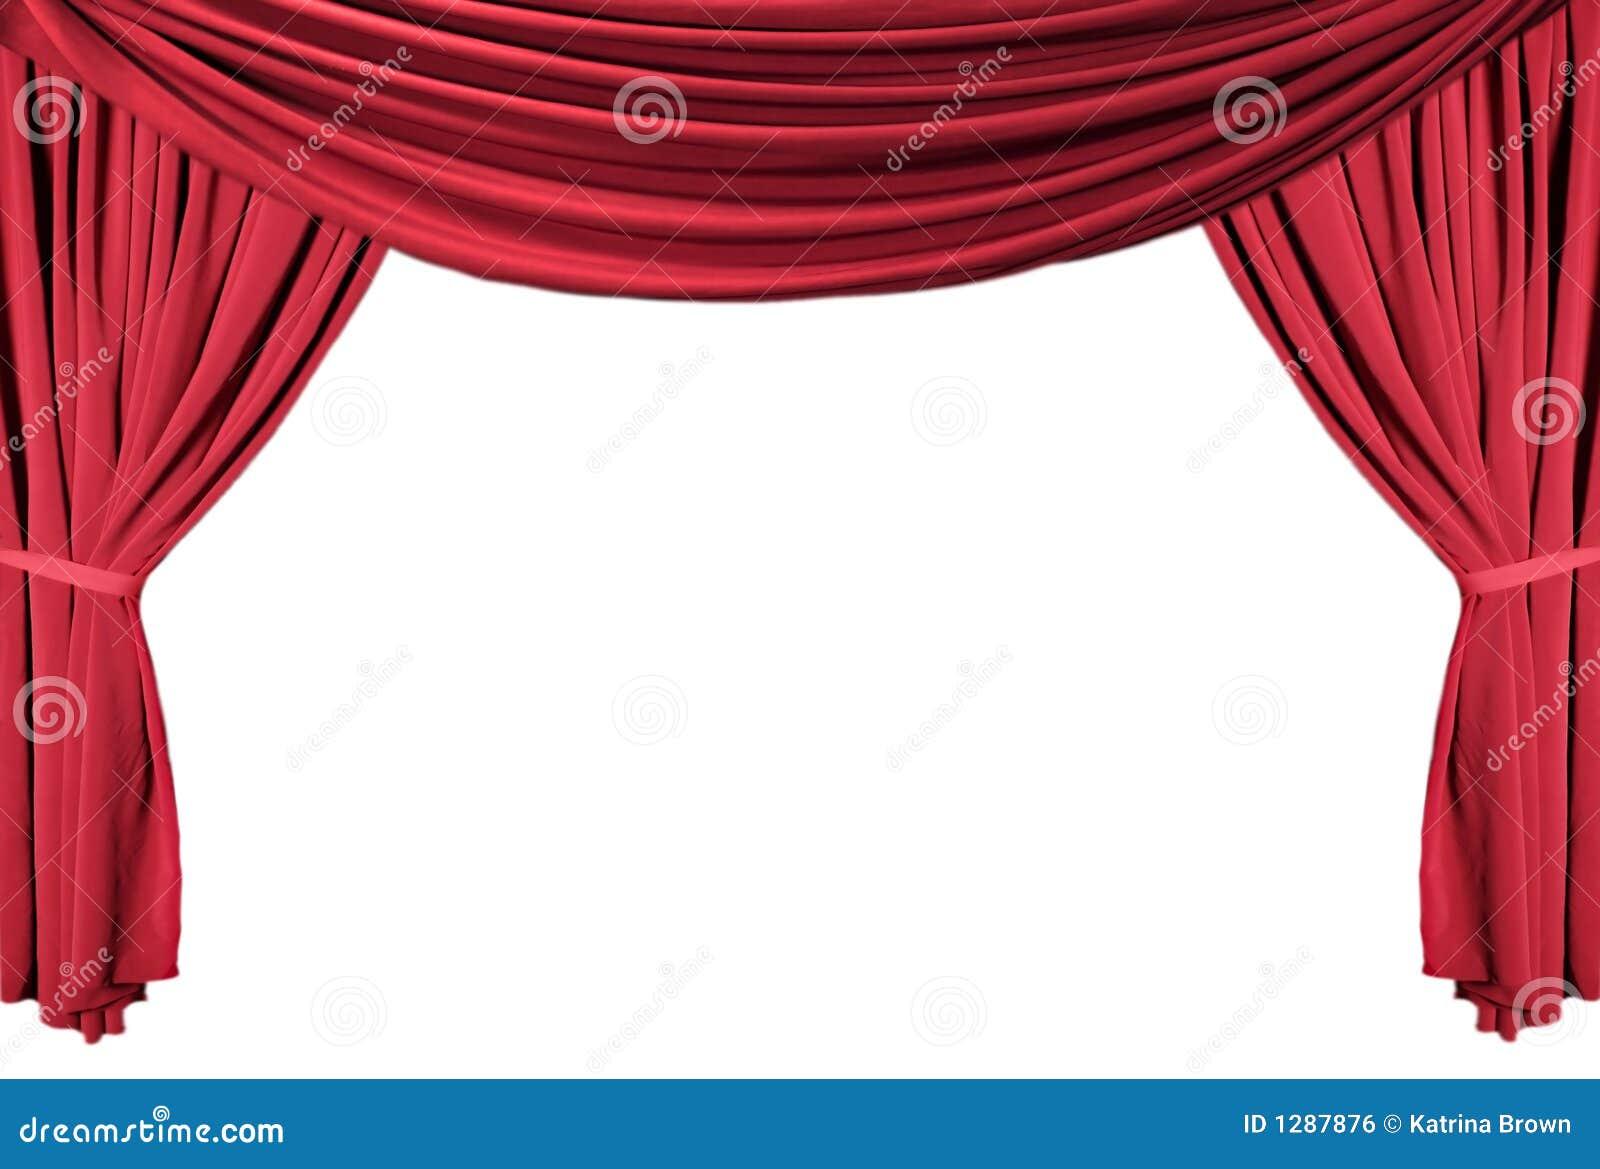 https://thumbs.dreamstime.com/z/rode-gedrapeerde-reeks-1-van-de-gordijnen-van-het-theater-1287876.jpg